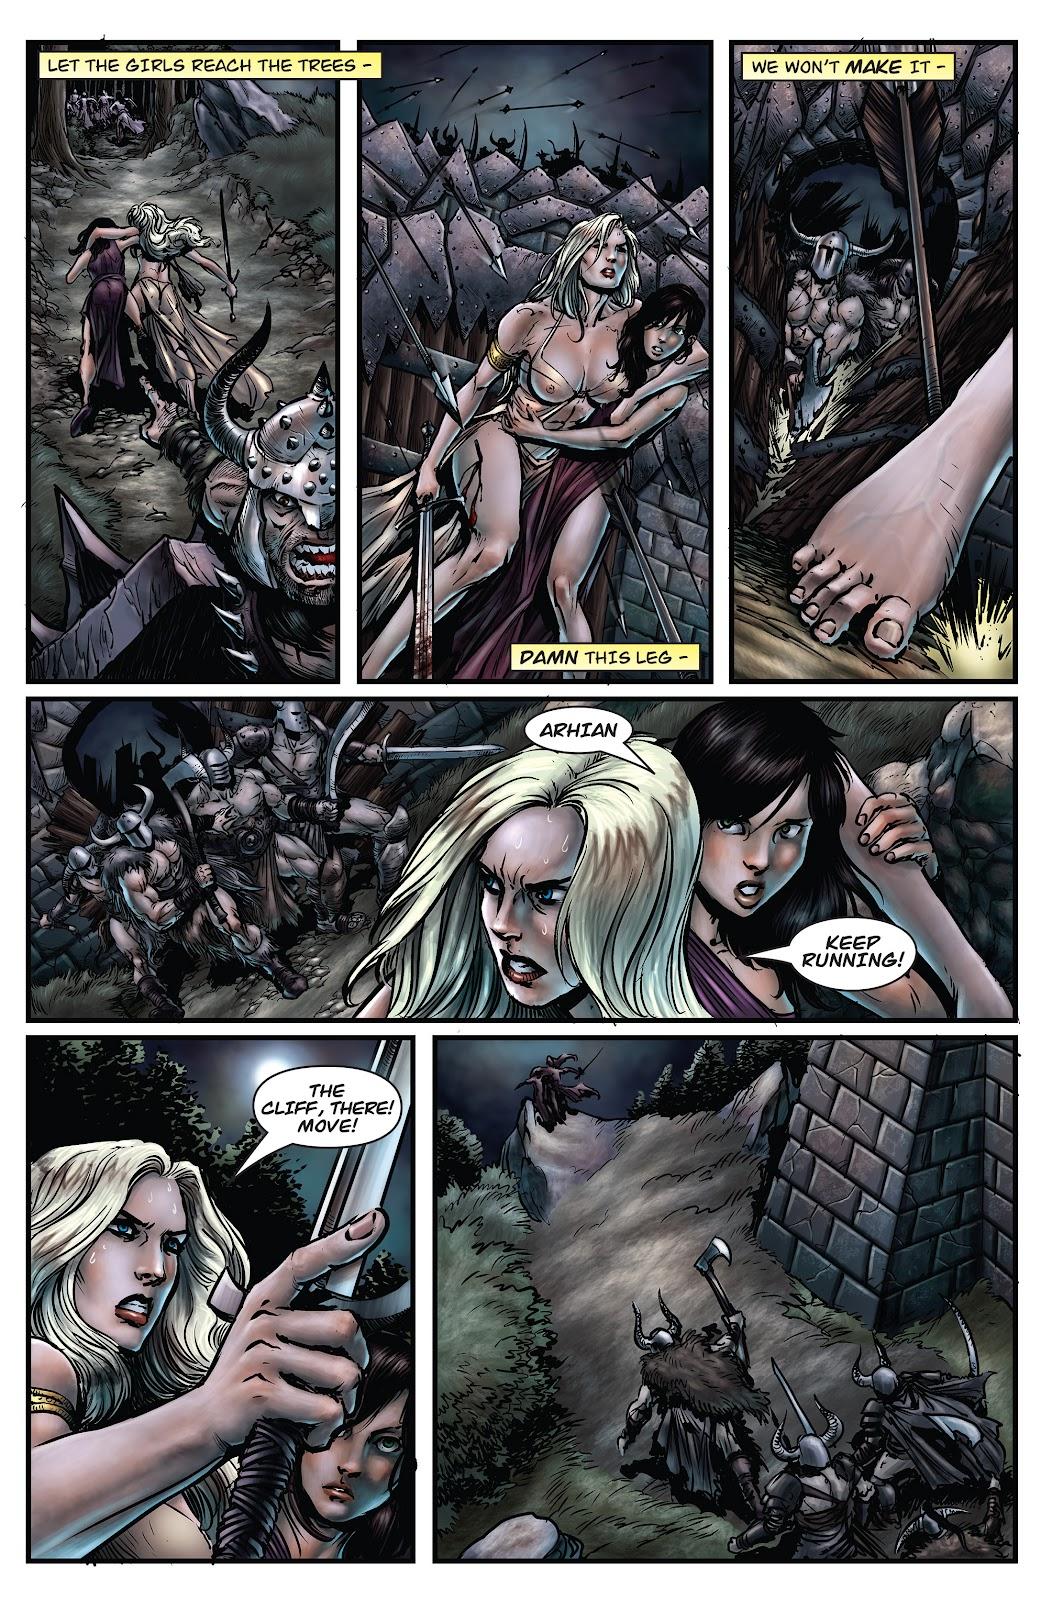 Arhian Head Huntress Issue 1 | Read Arhian Head Huntress